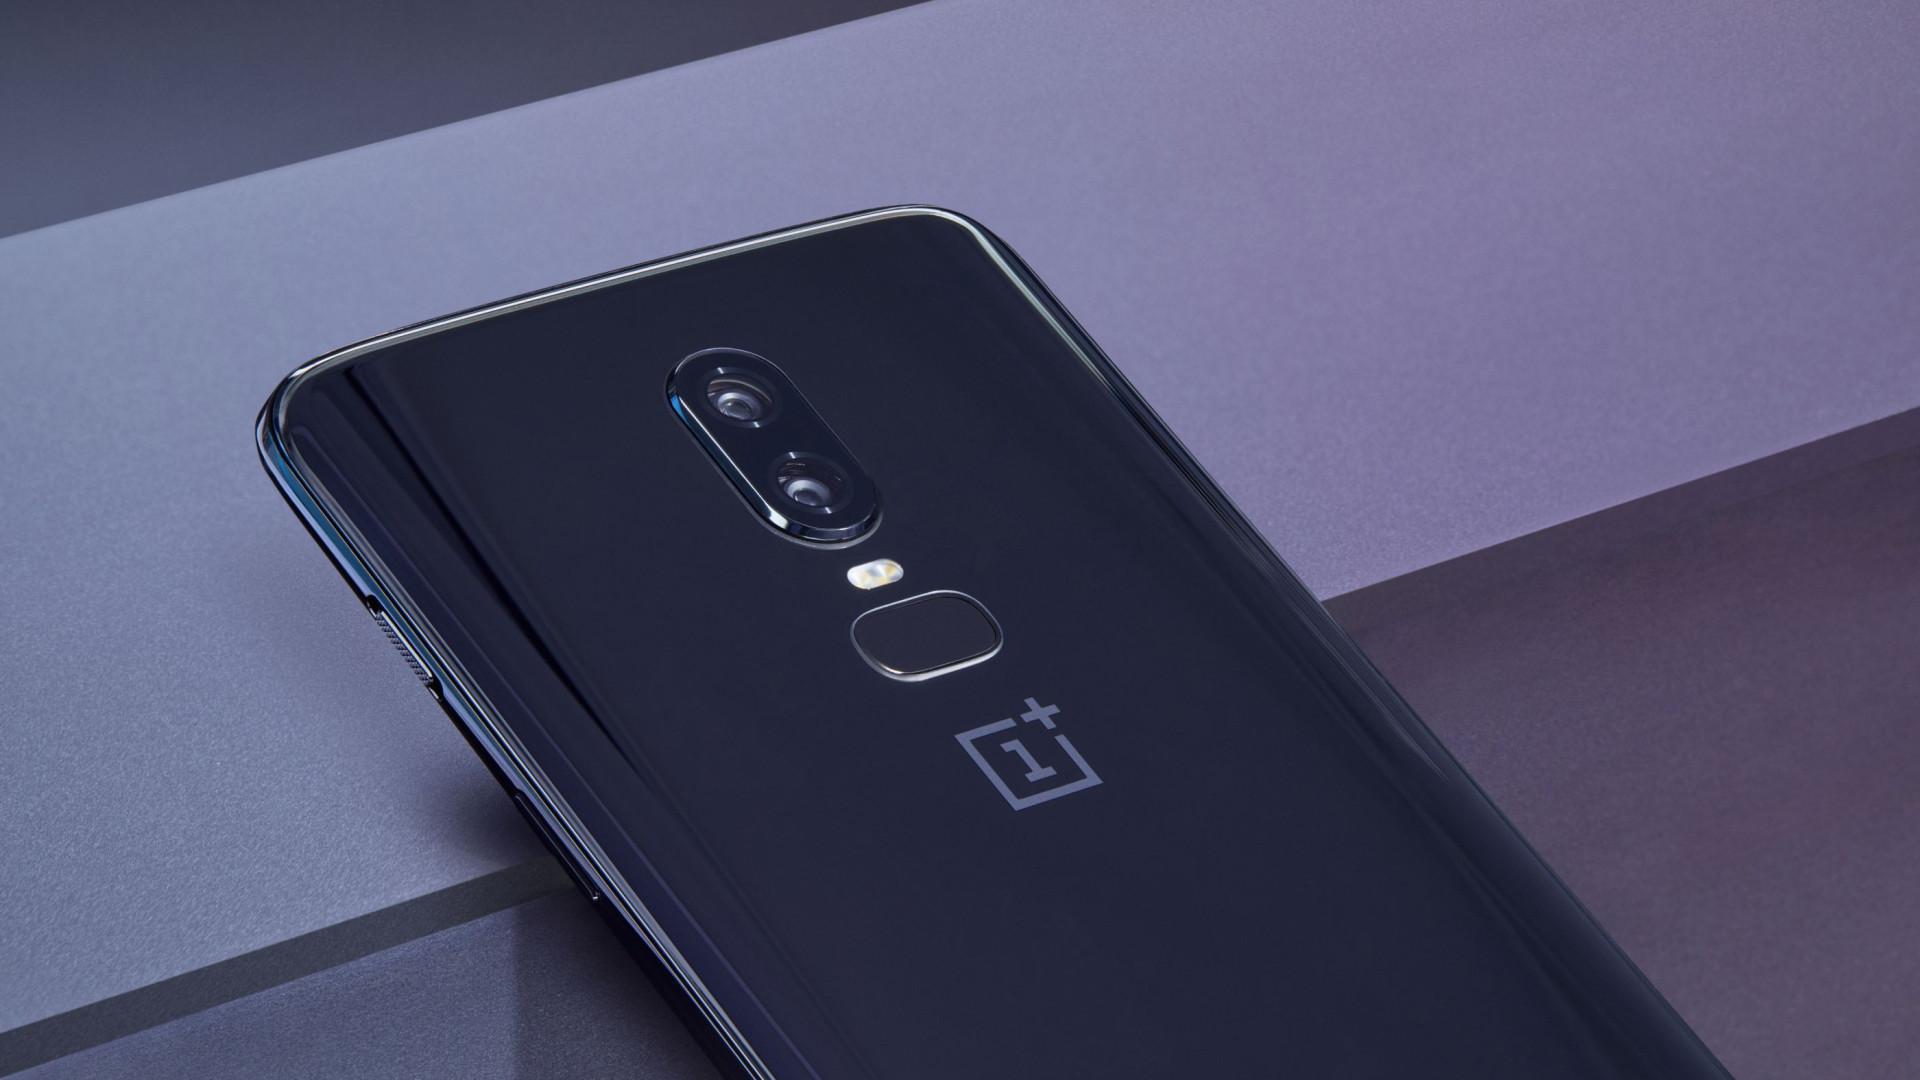 OnePlus admite corrigir problema de câmara do OnePlus 6